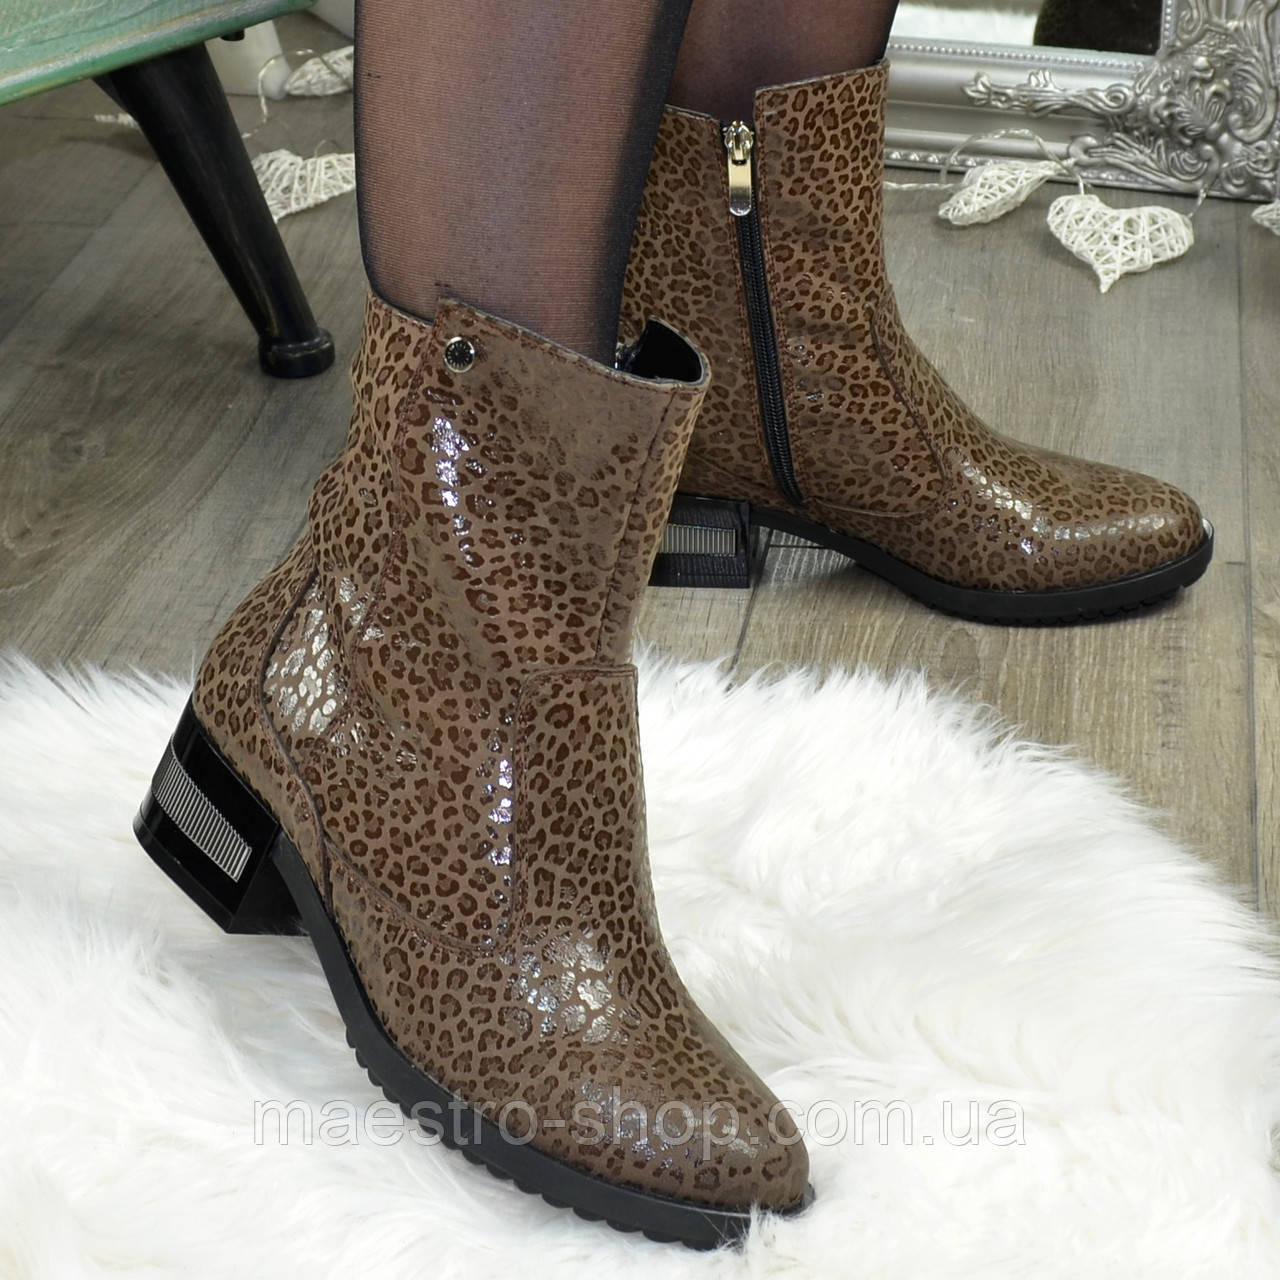 Ботинки кожаные женские на невысоком каблуке